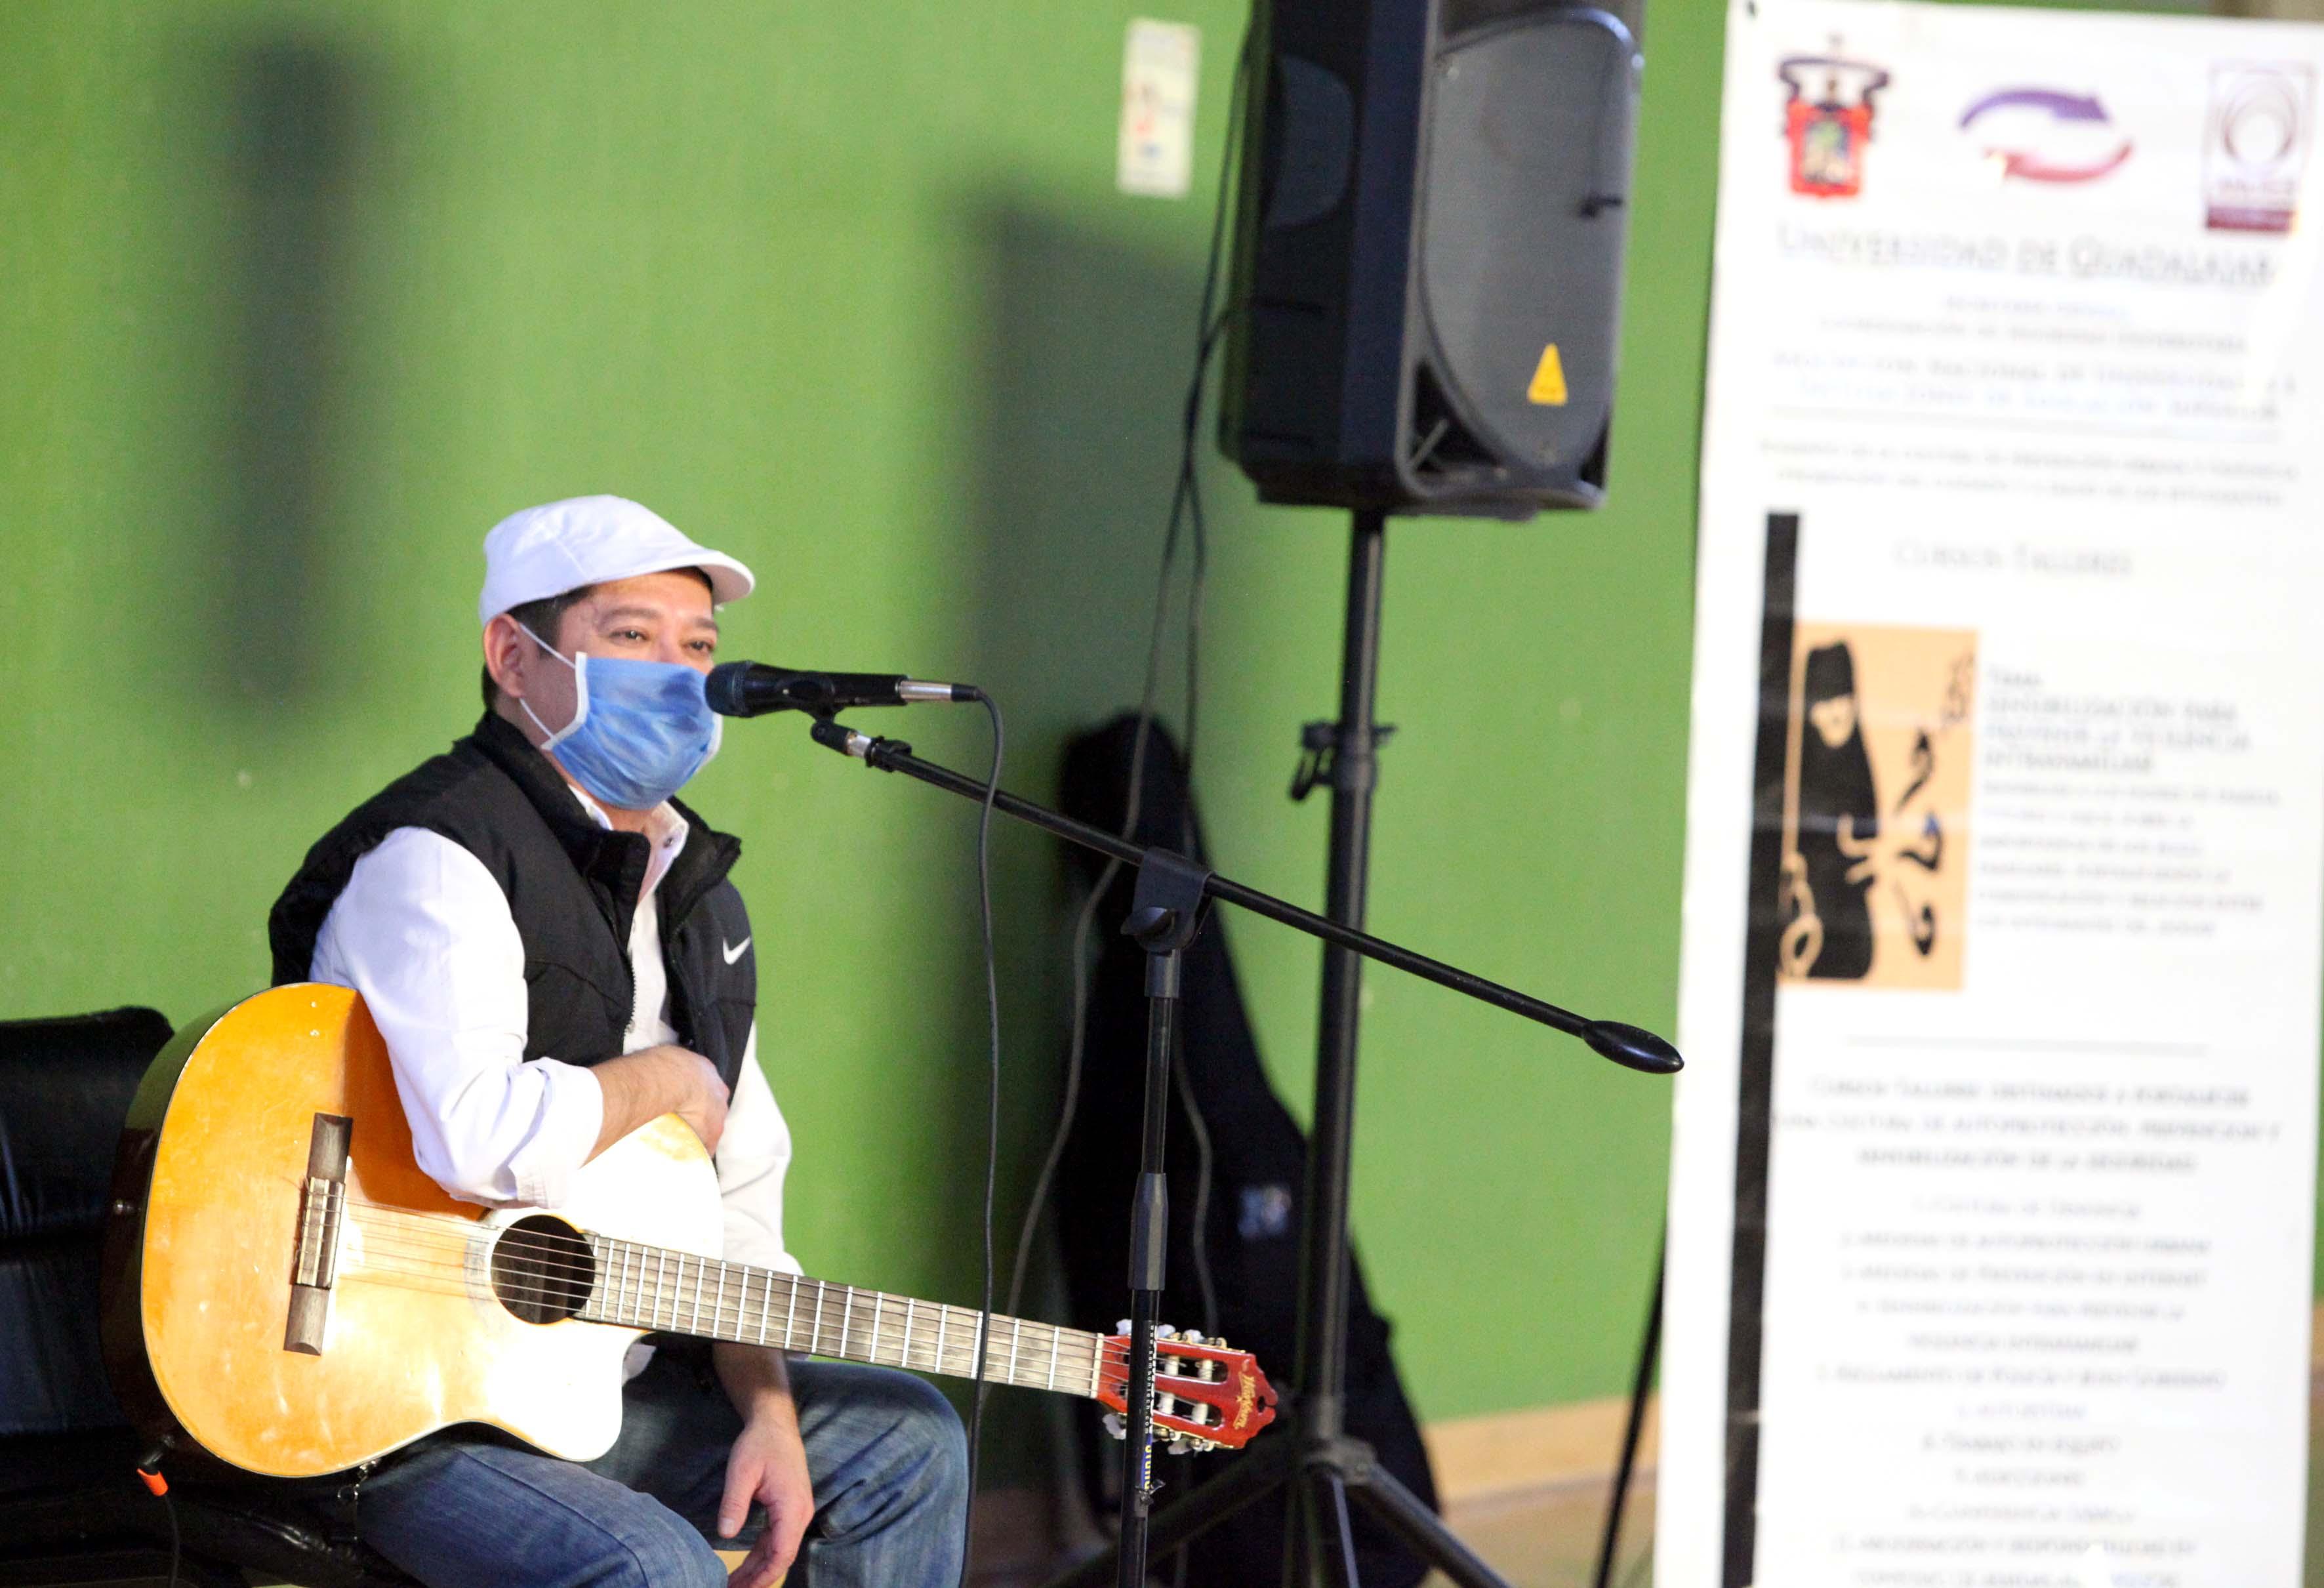 Hombre sentado con una guitarra en las manos, en el rostro lleva un cobre bocas